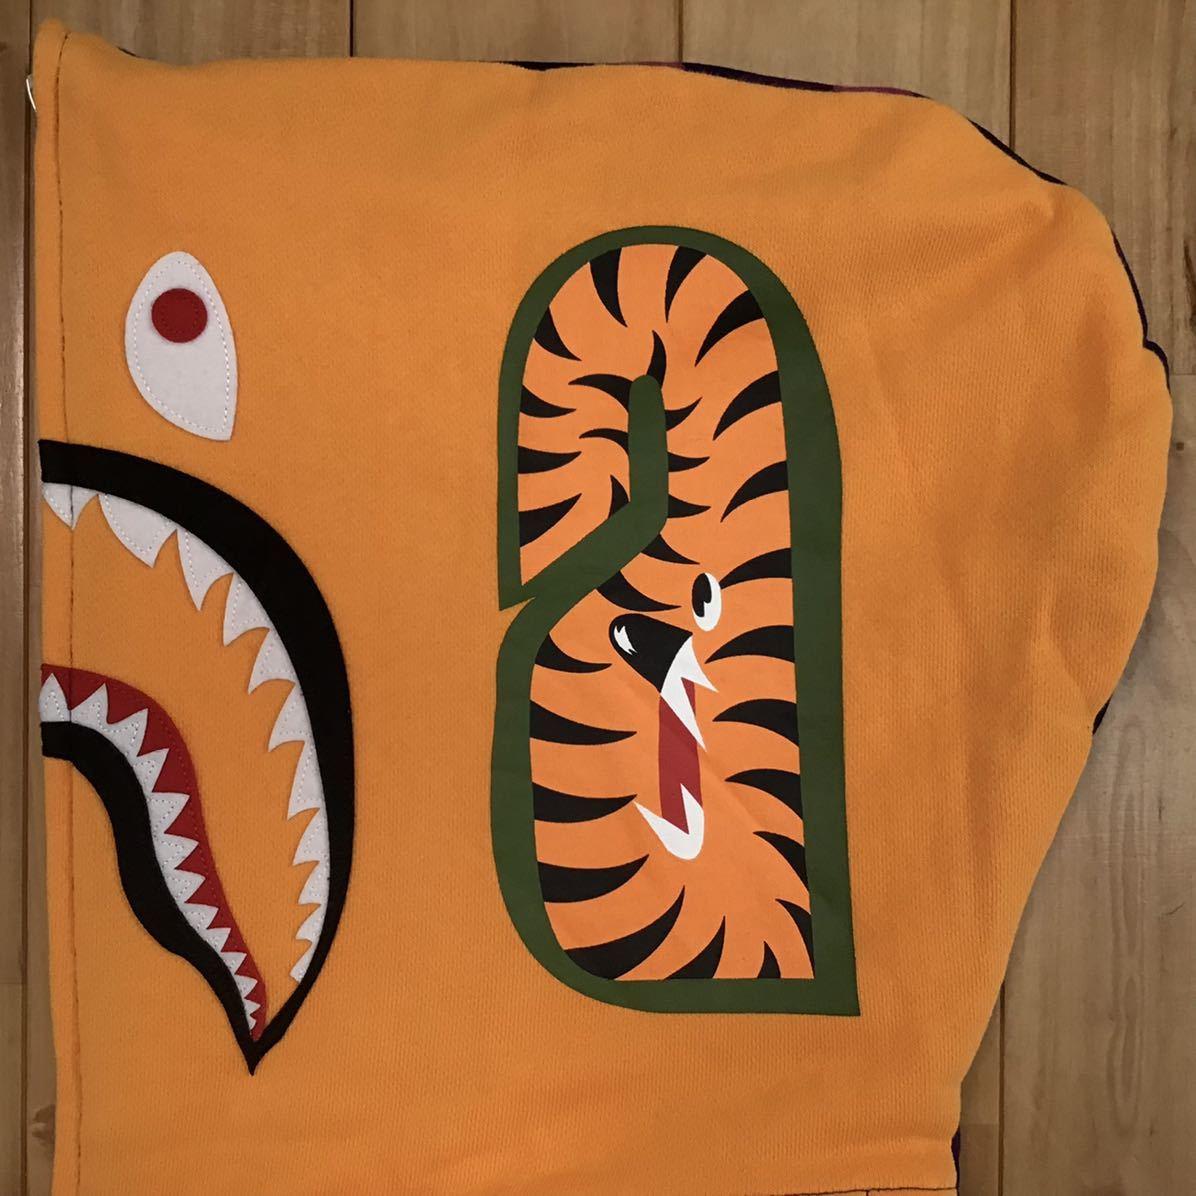 タイガー シャーク パーカー Sサイズ tiger shark full zip hoodie a bathing ape BAPE purple camo エイプ ベイプ アベイシングエイプ tp8